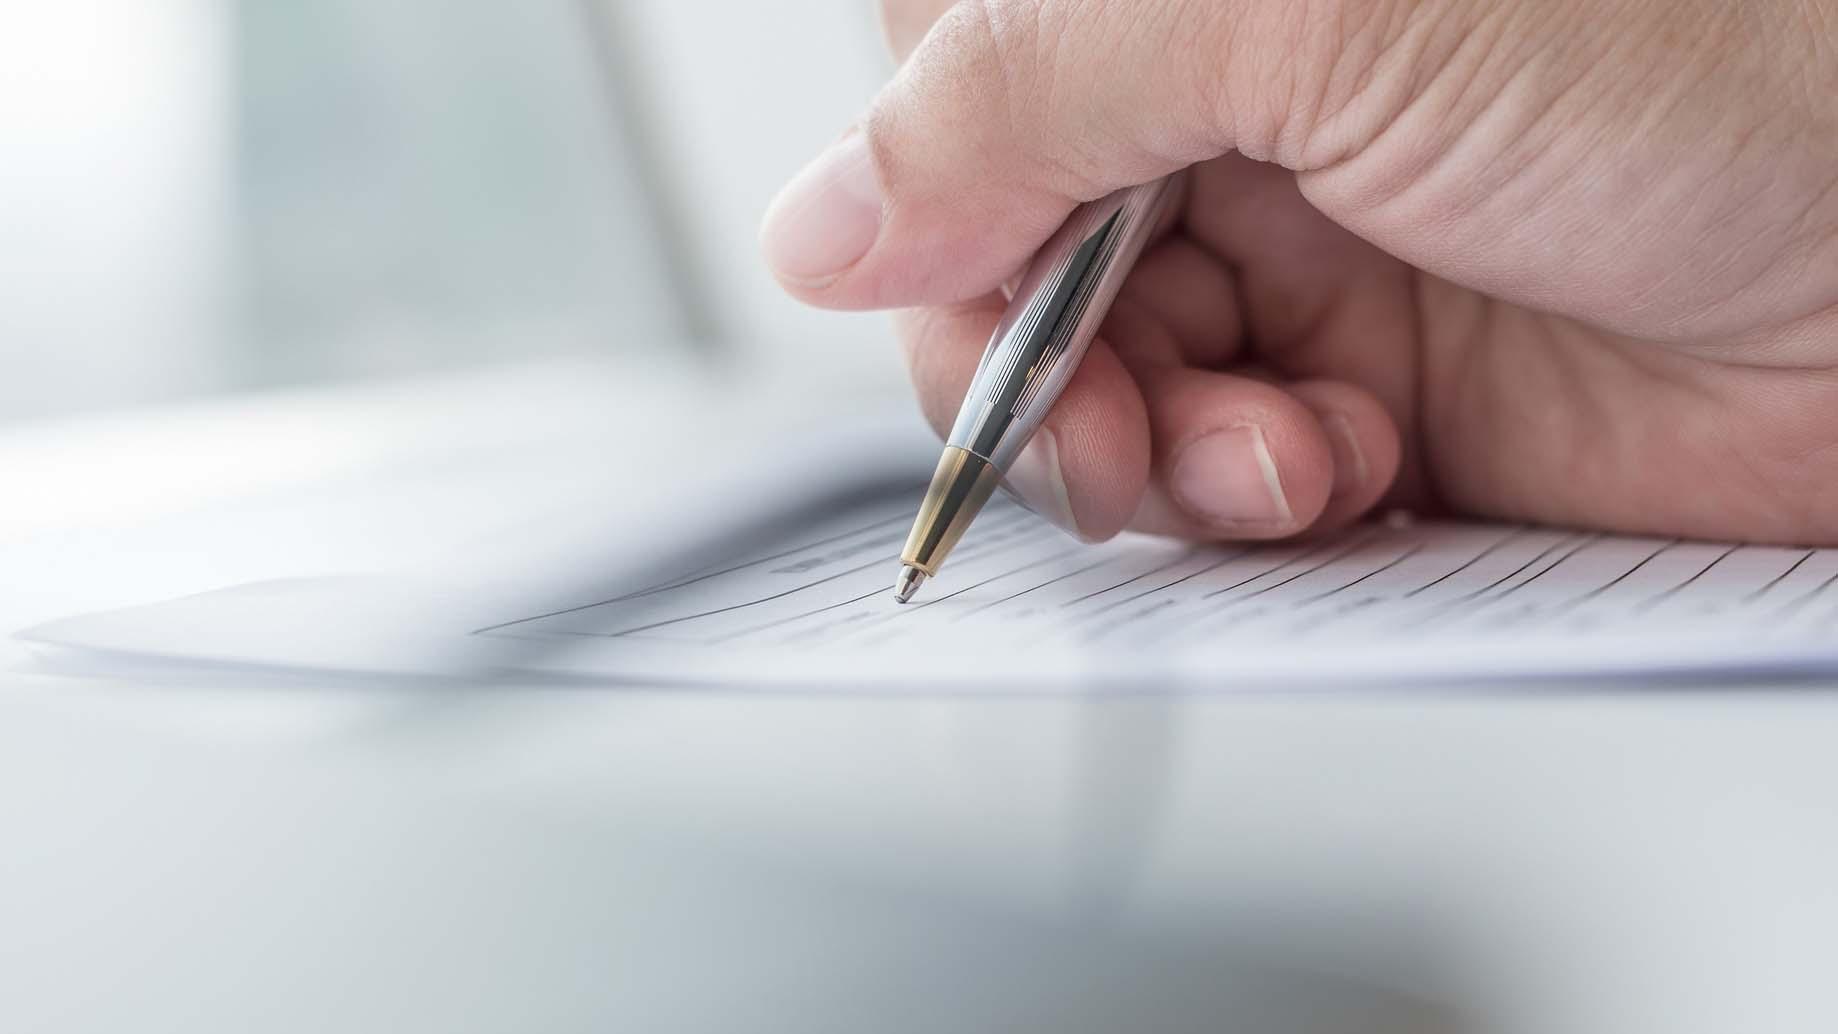 Anmeldung zur Eintragung